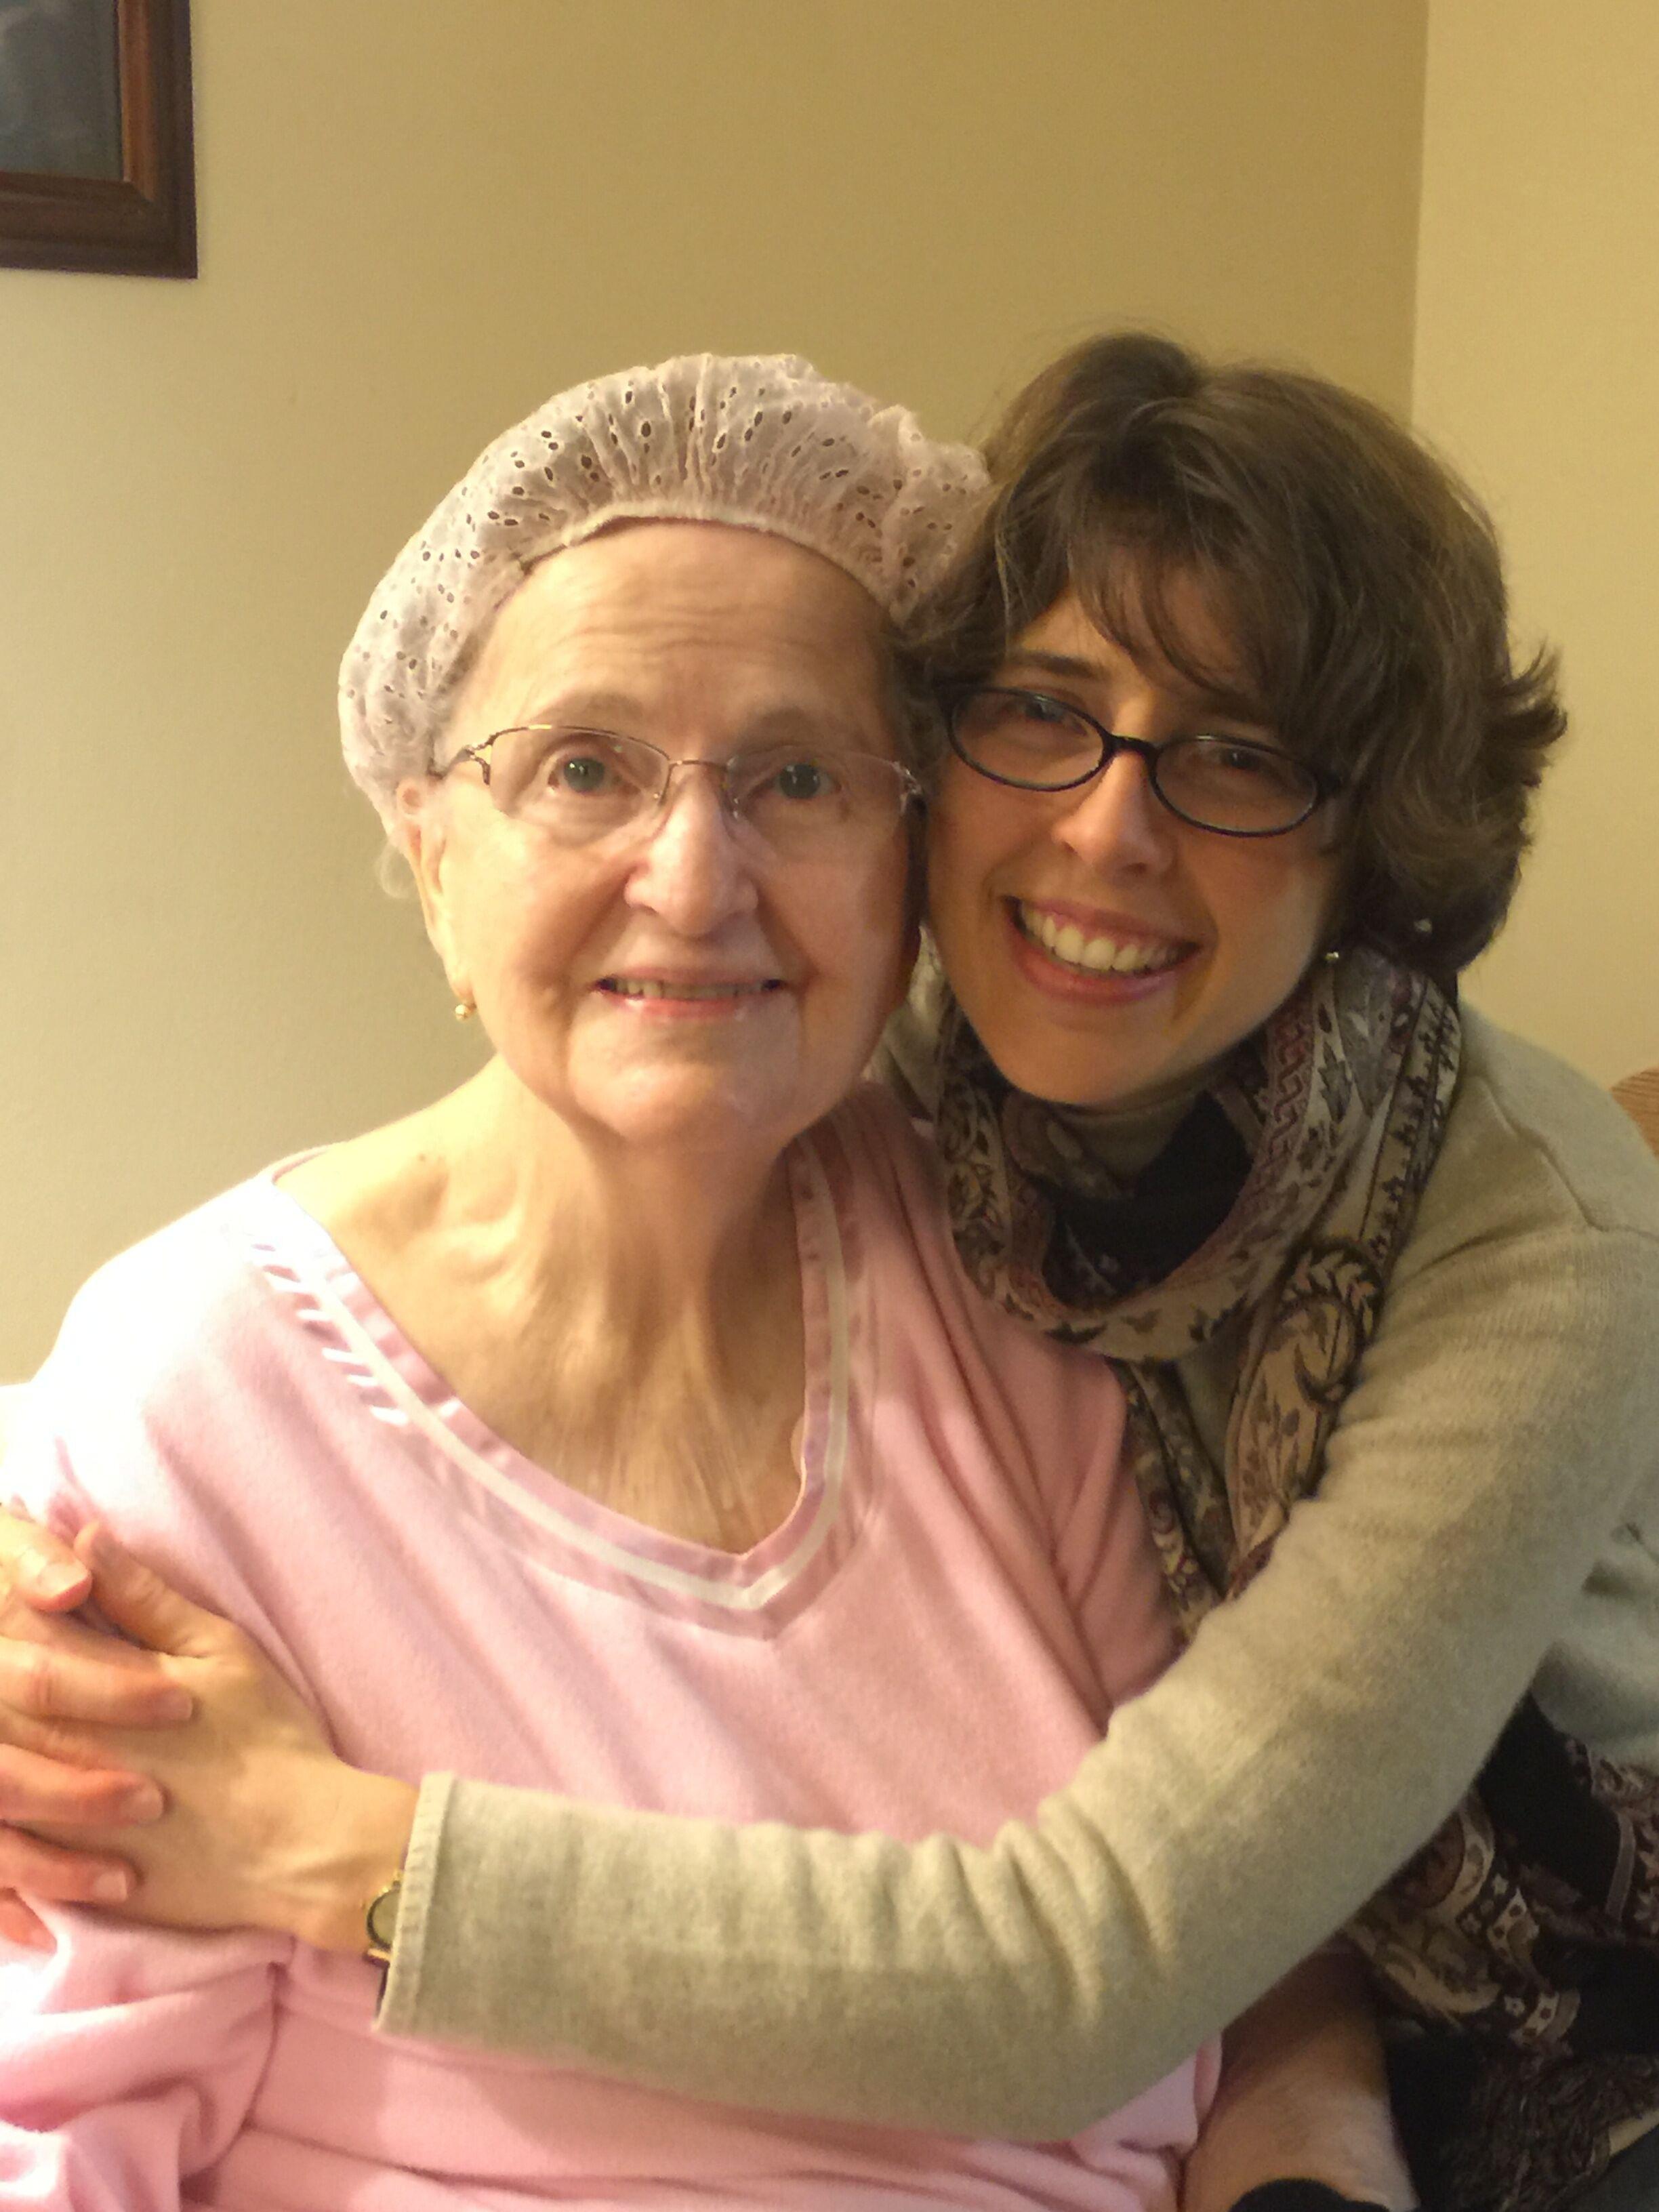 Larae+and+Grandma.jpg